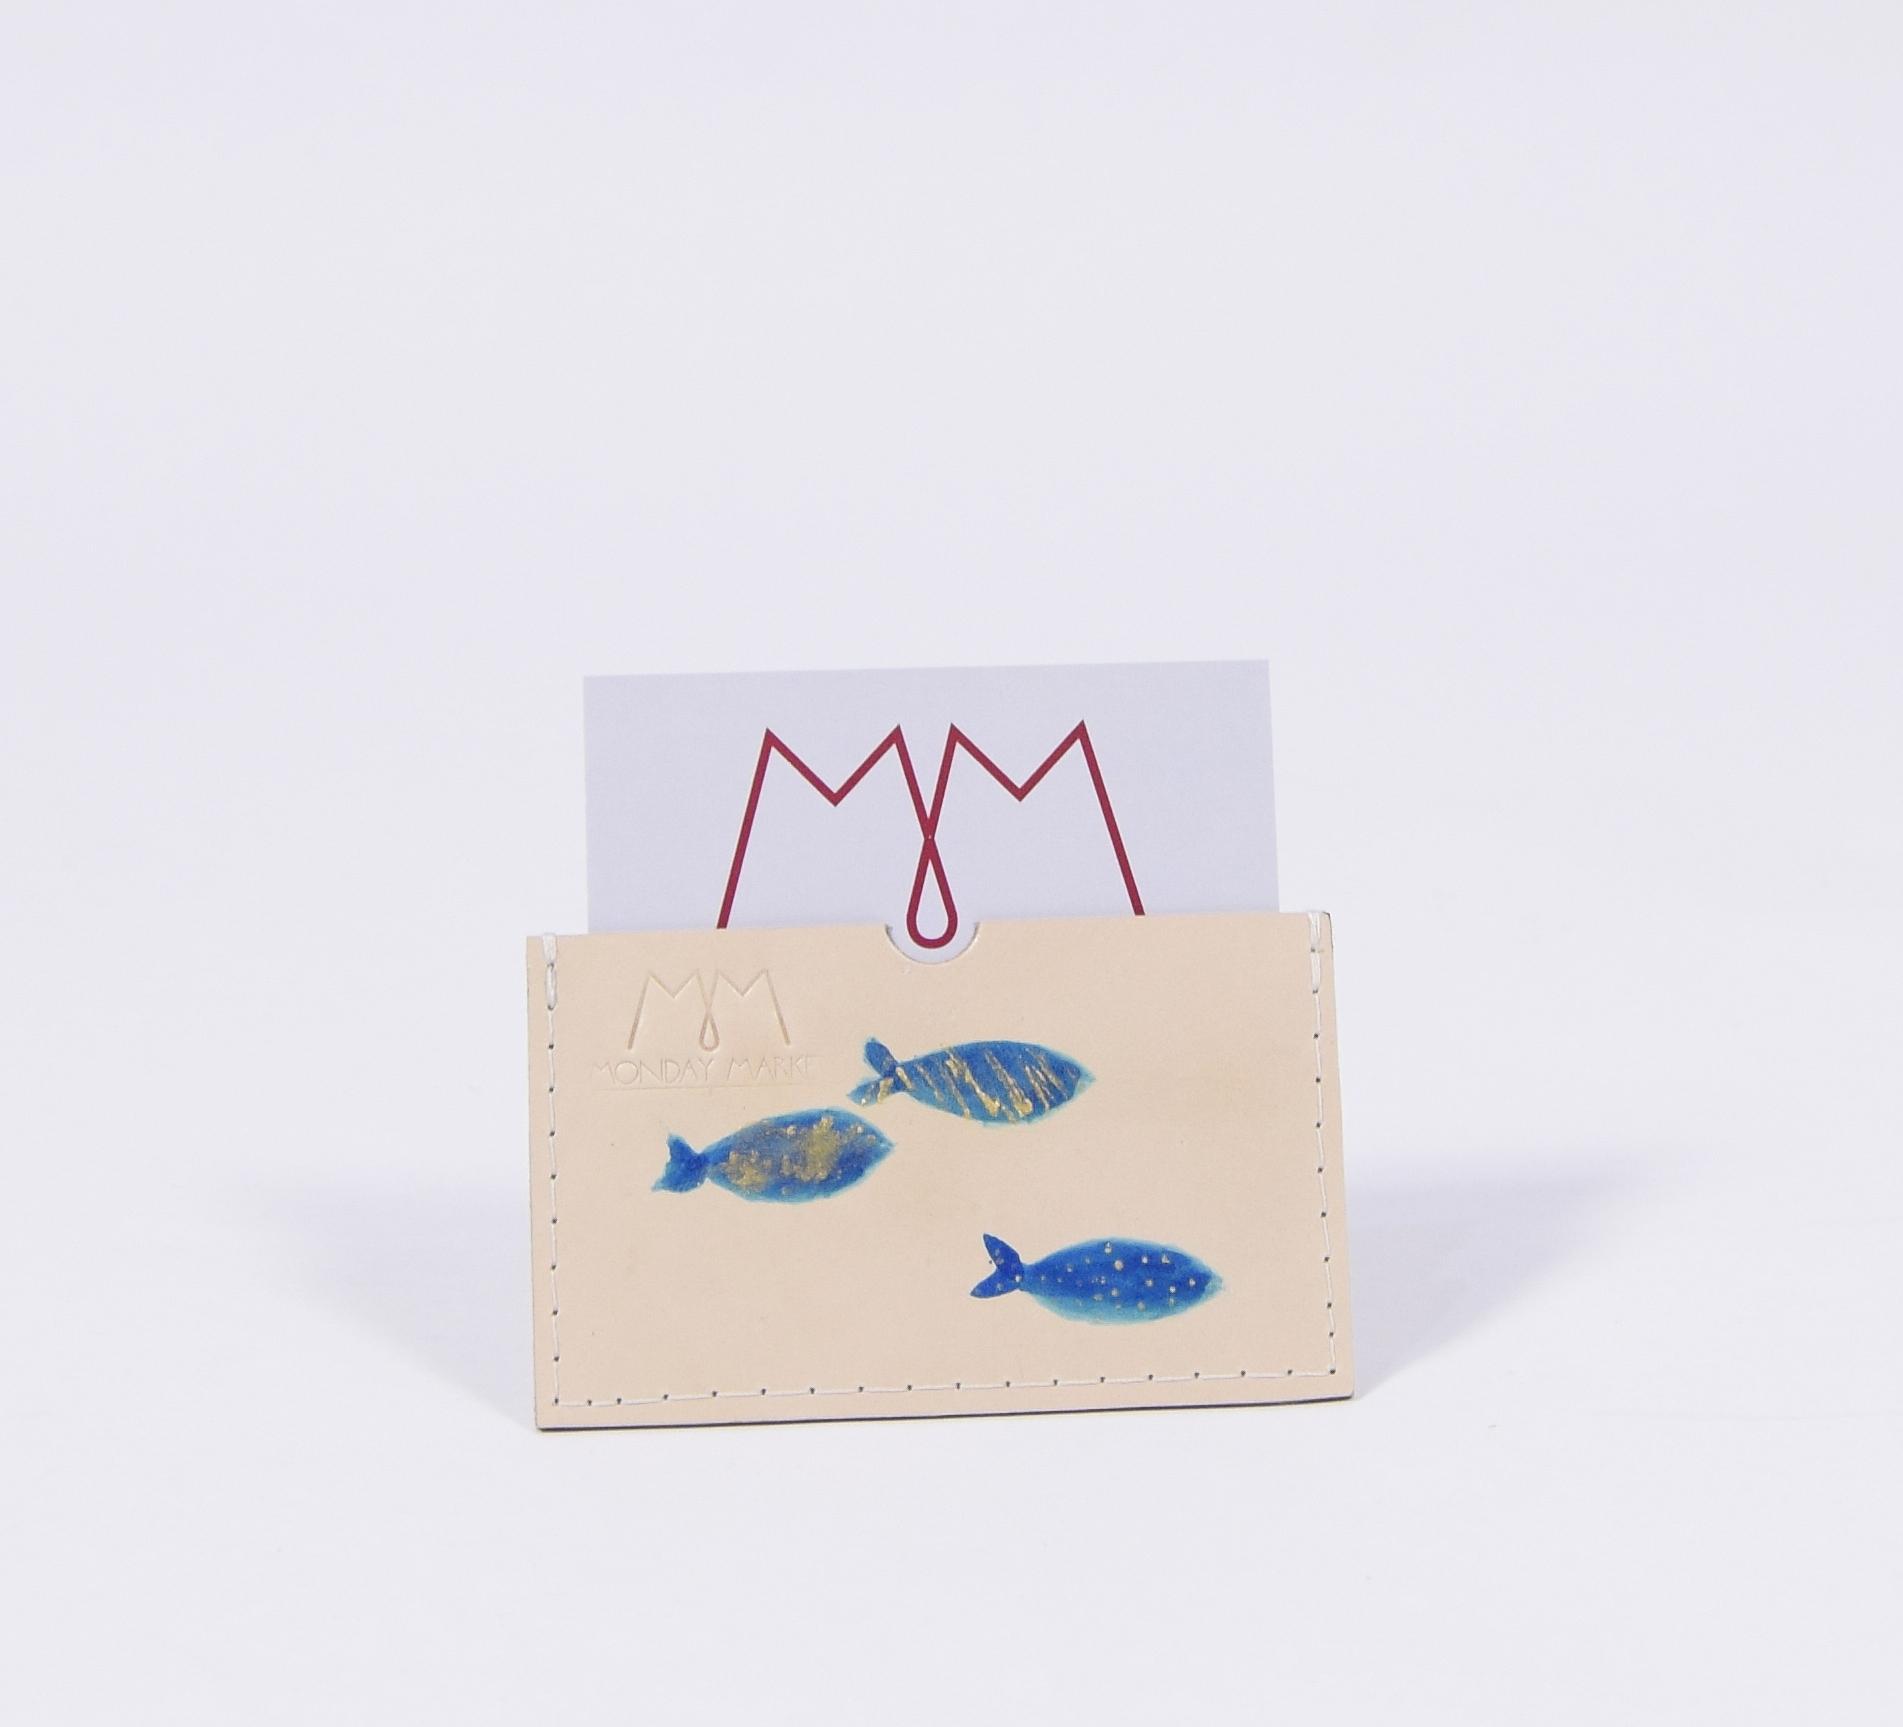 Handbemaltes EC-Karten-Etui aus Leder mit Fisch-Motiv